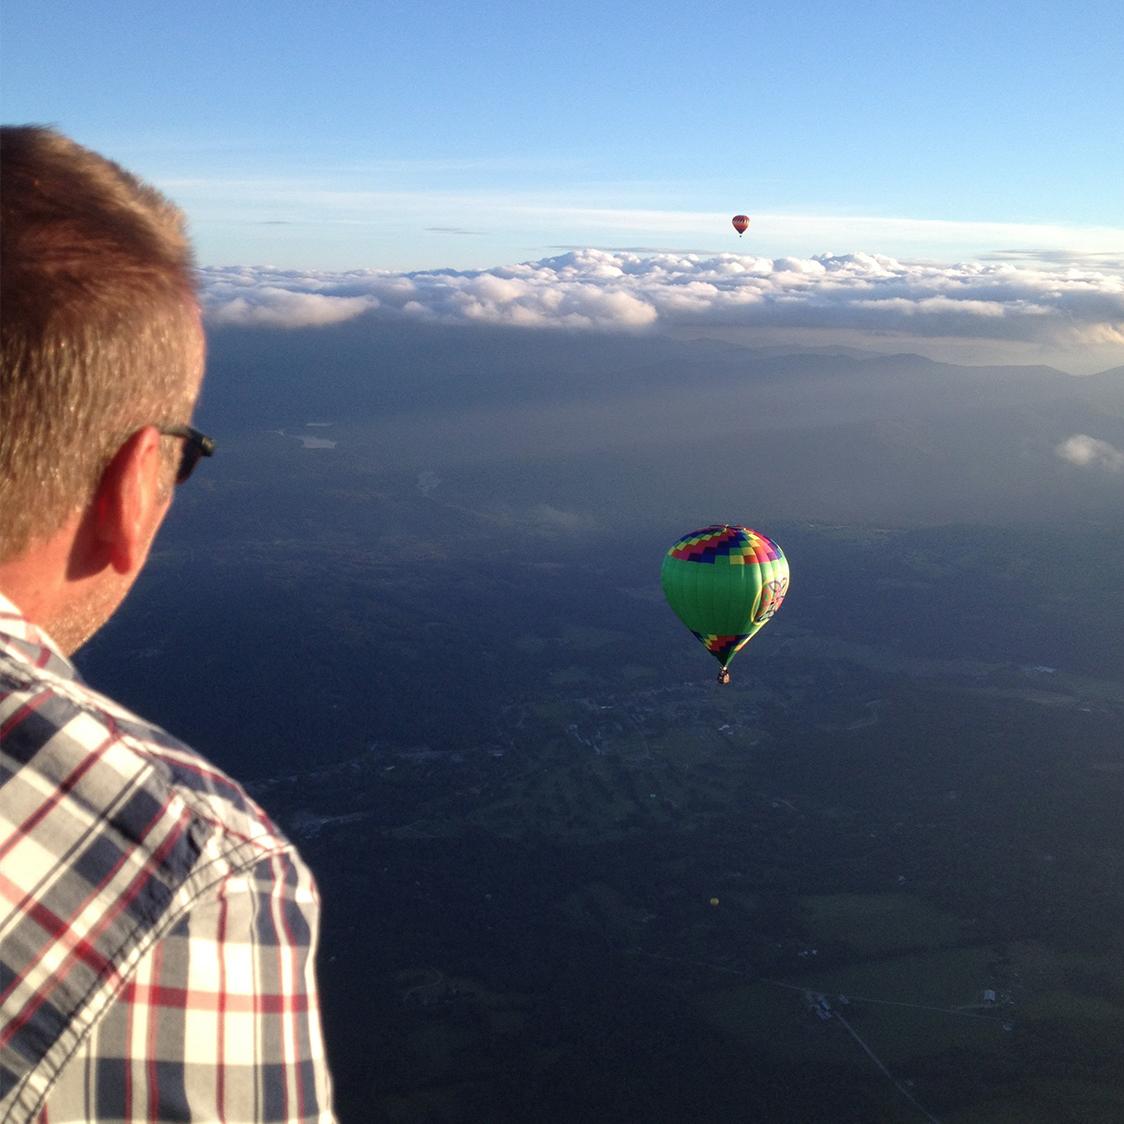 hot_air_balloon_mile_high_flight.jpg